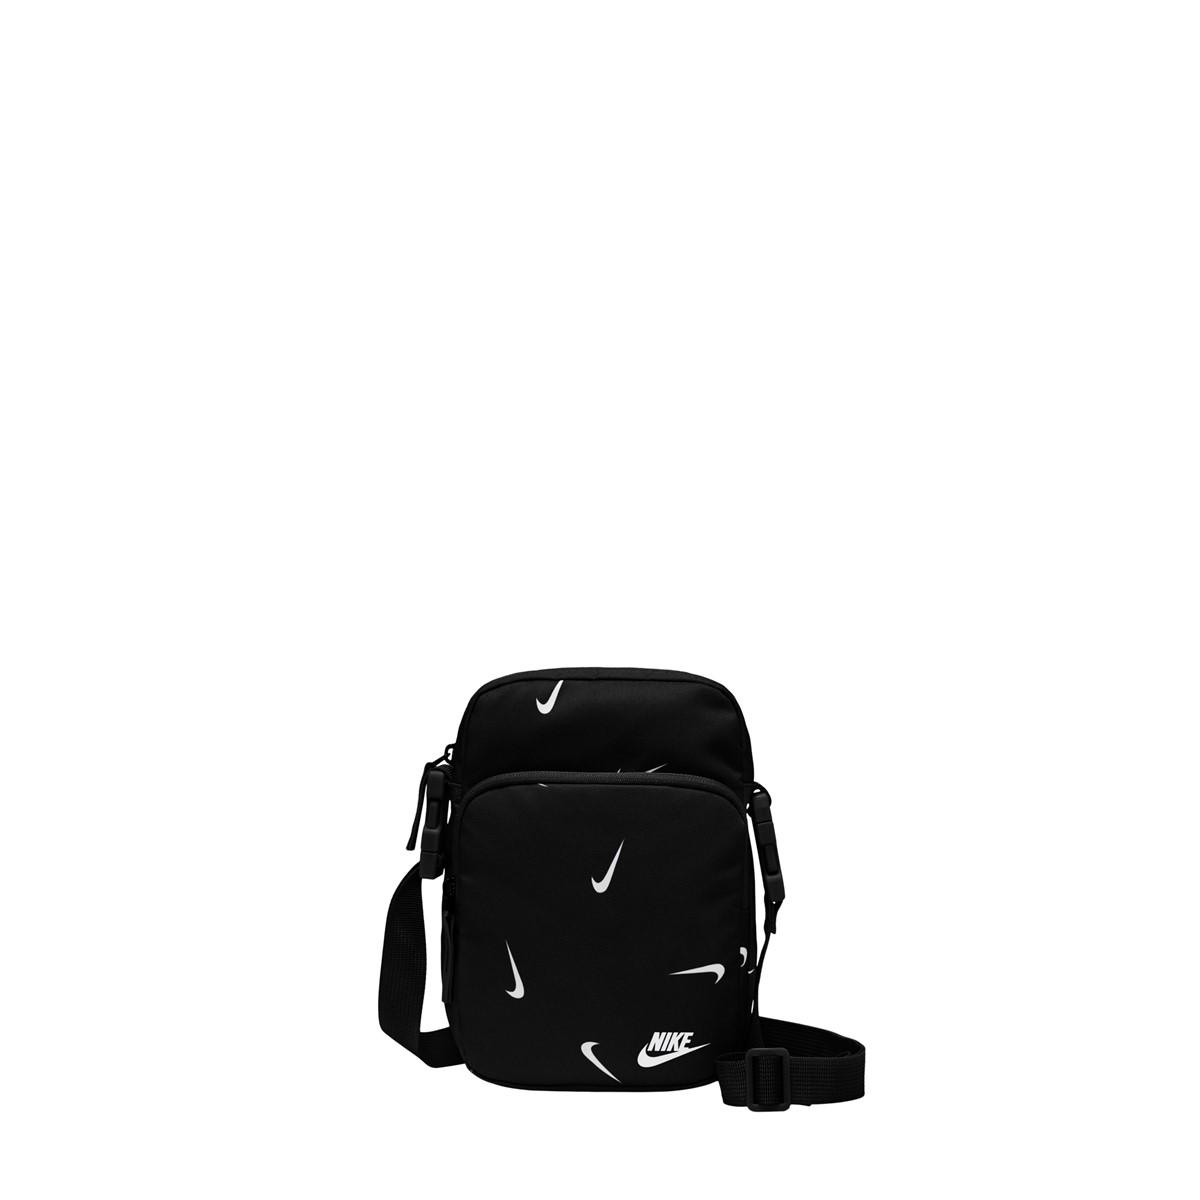 Heritage Branded Crossbody Bag in Black/White